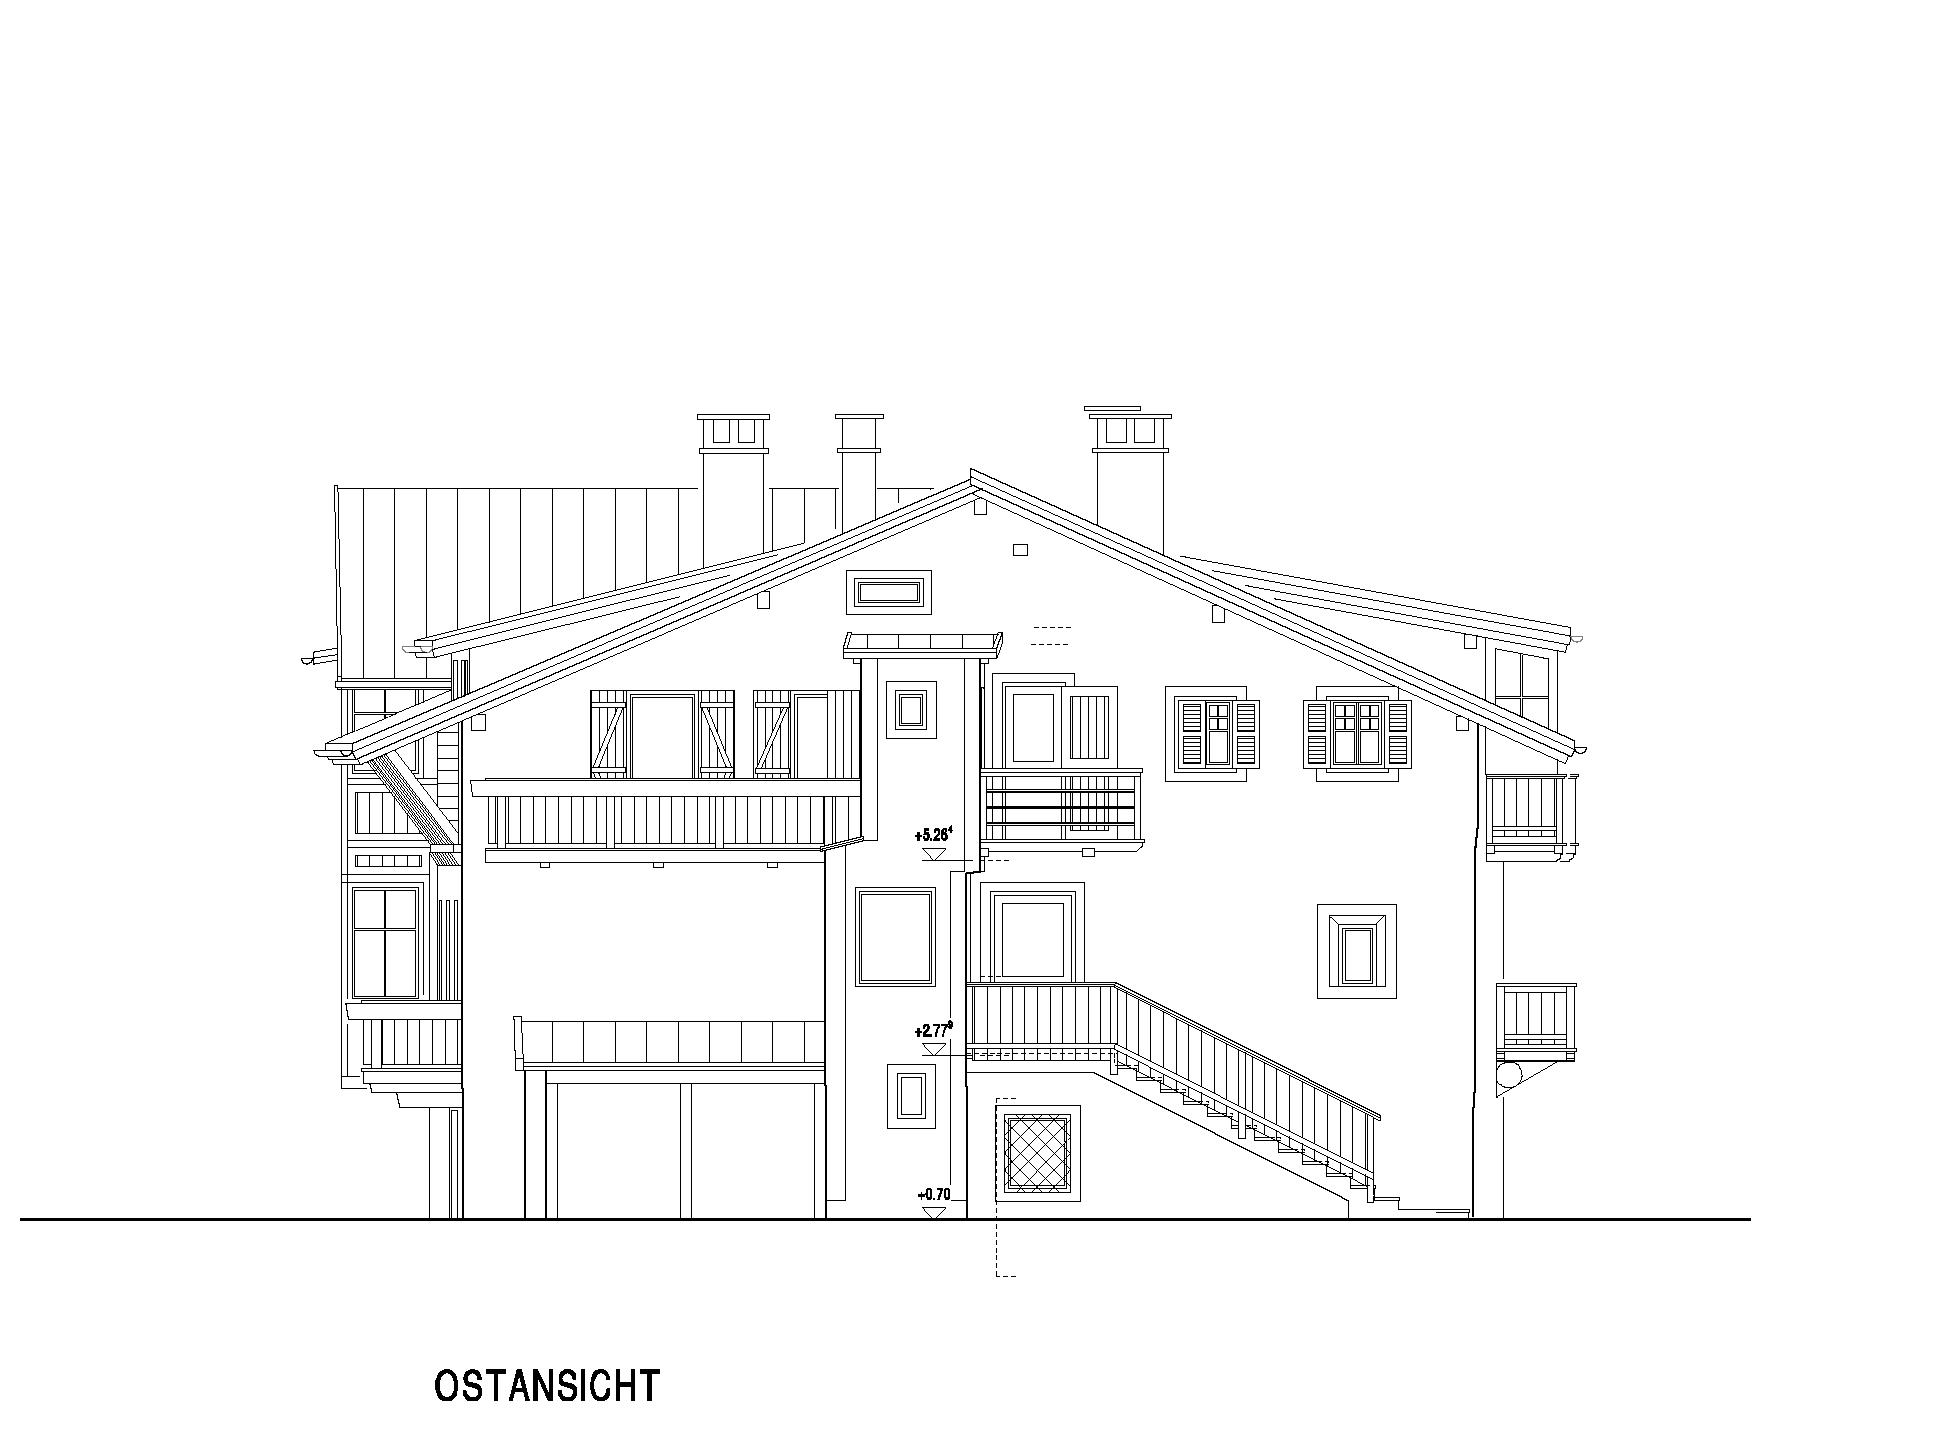 Wohnhaus f niederdorf bauplan messen planen for Bauplan wohnhaus